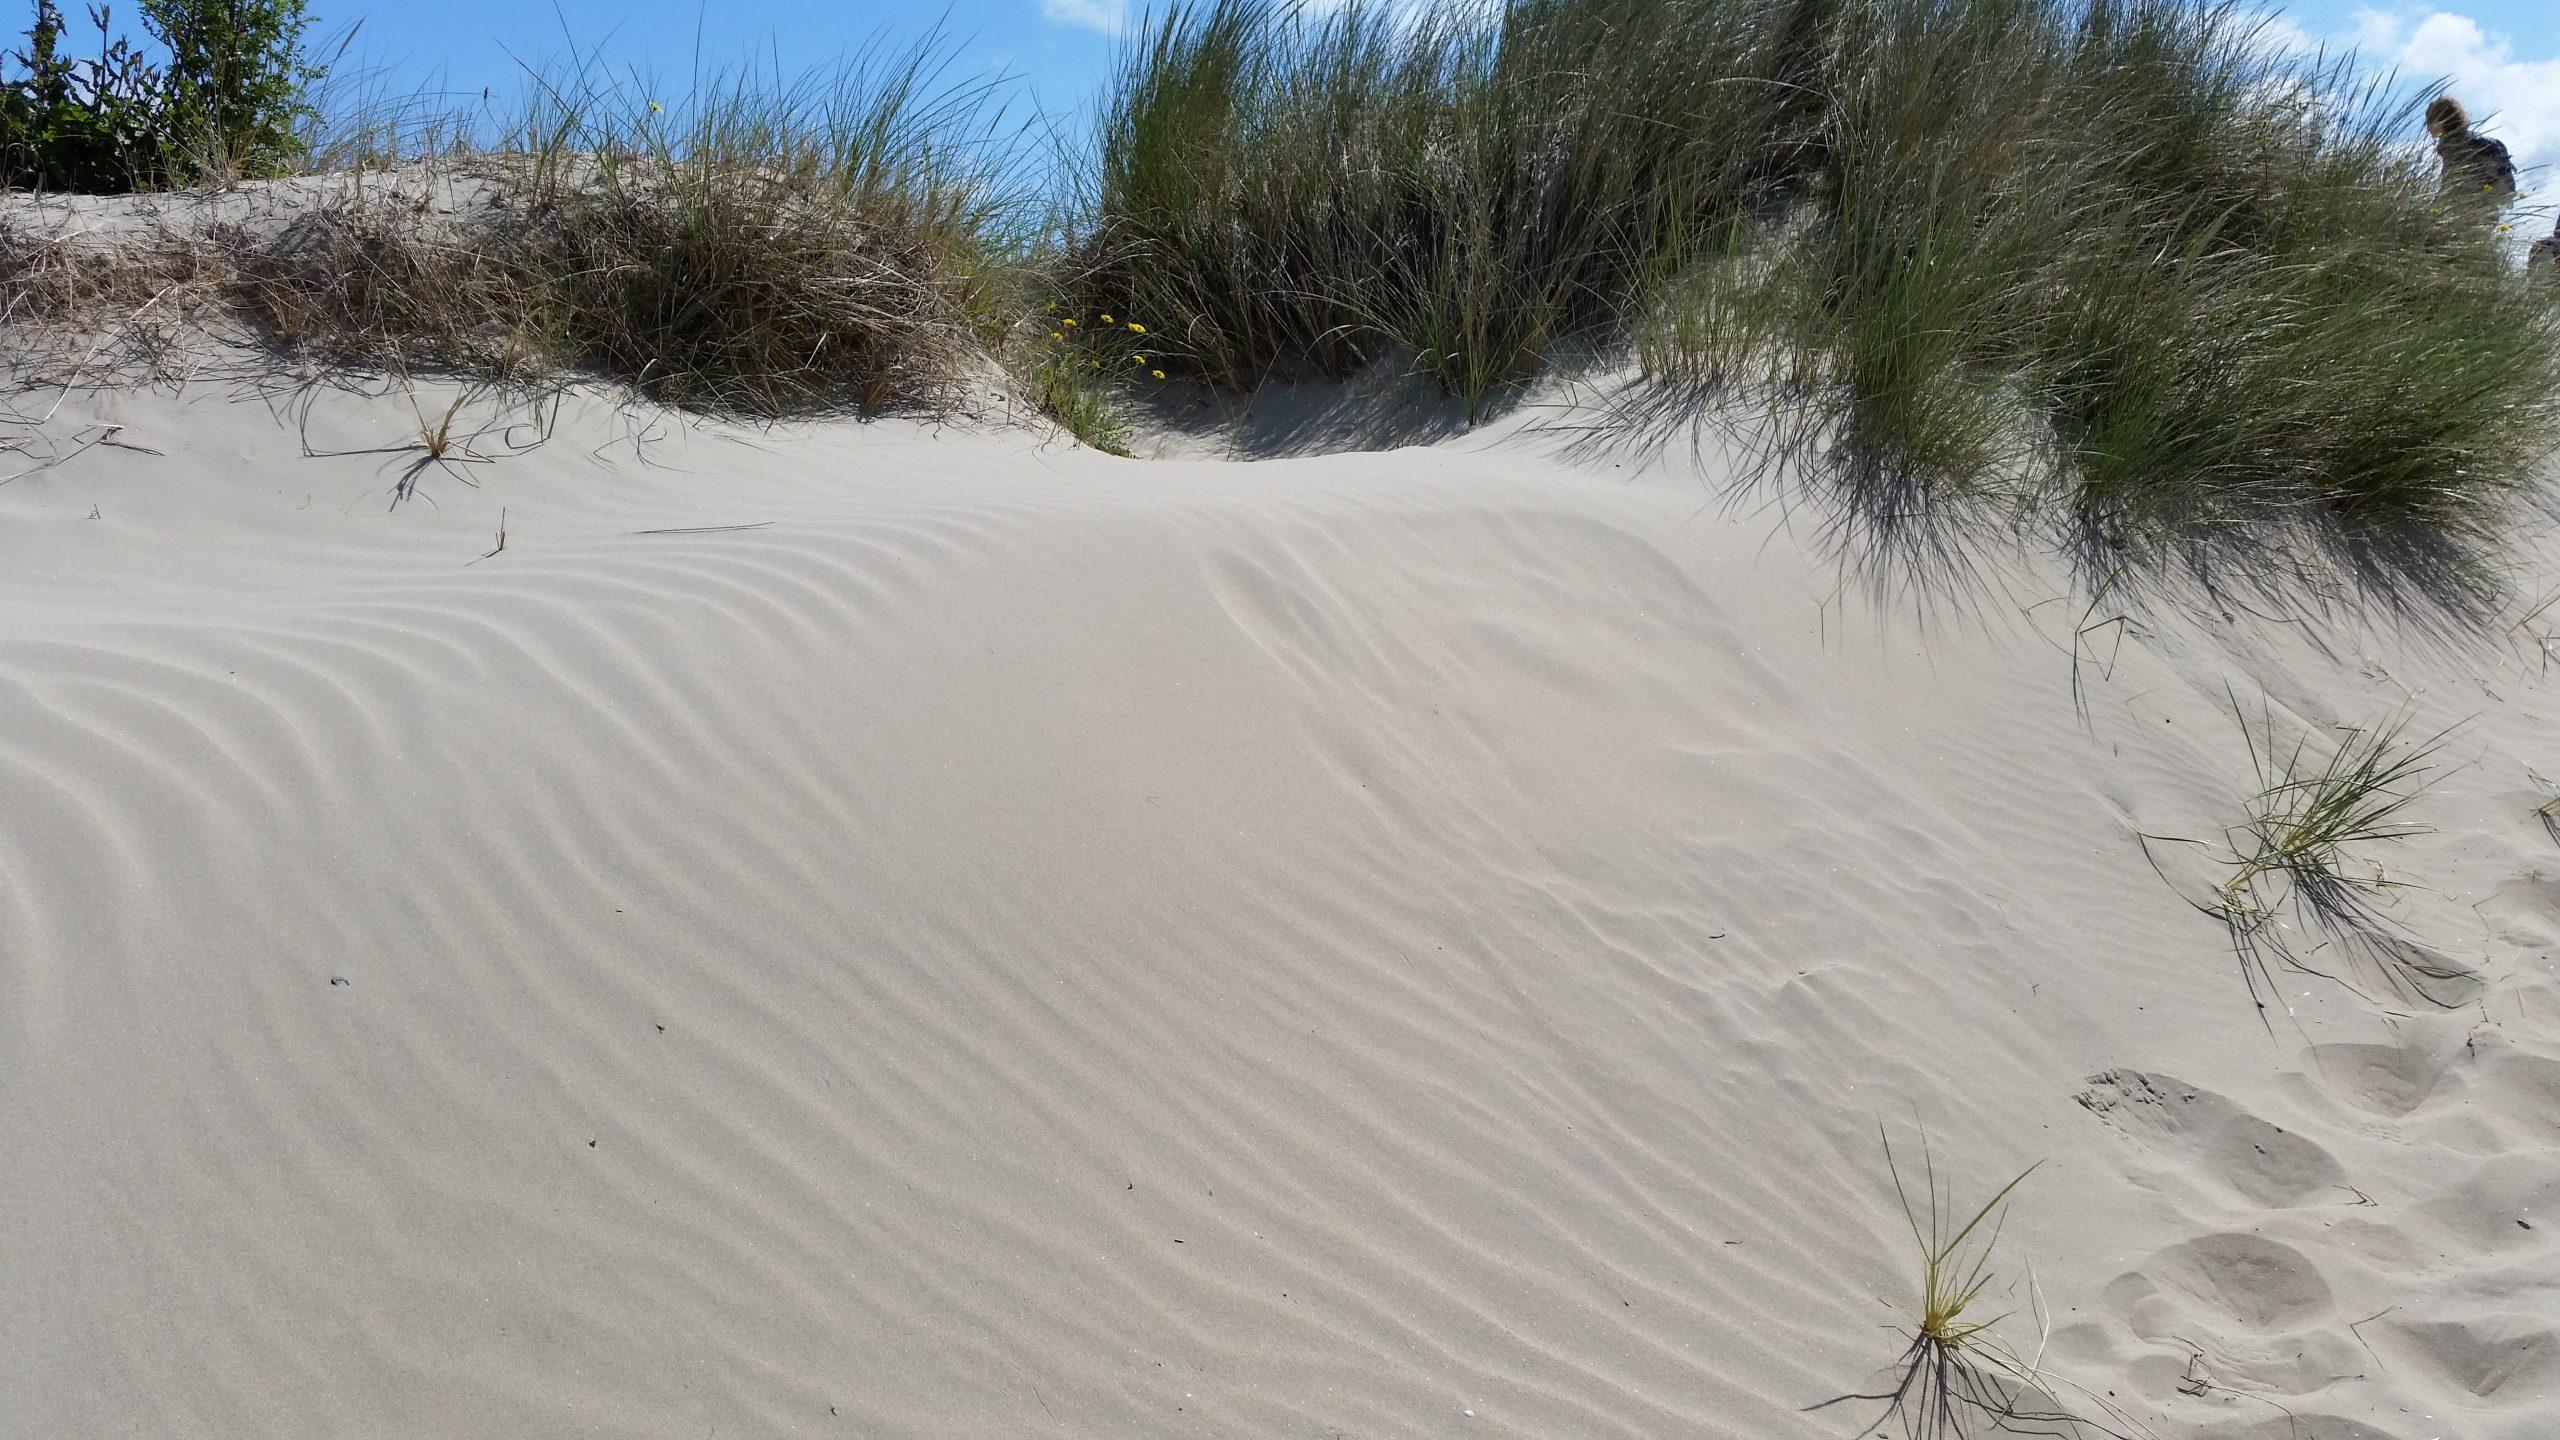 Embryo dunes